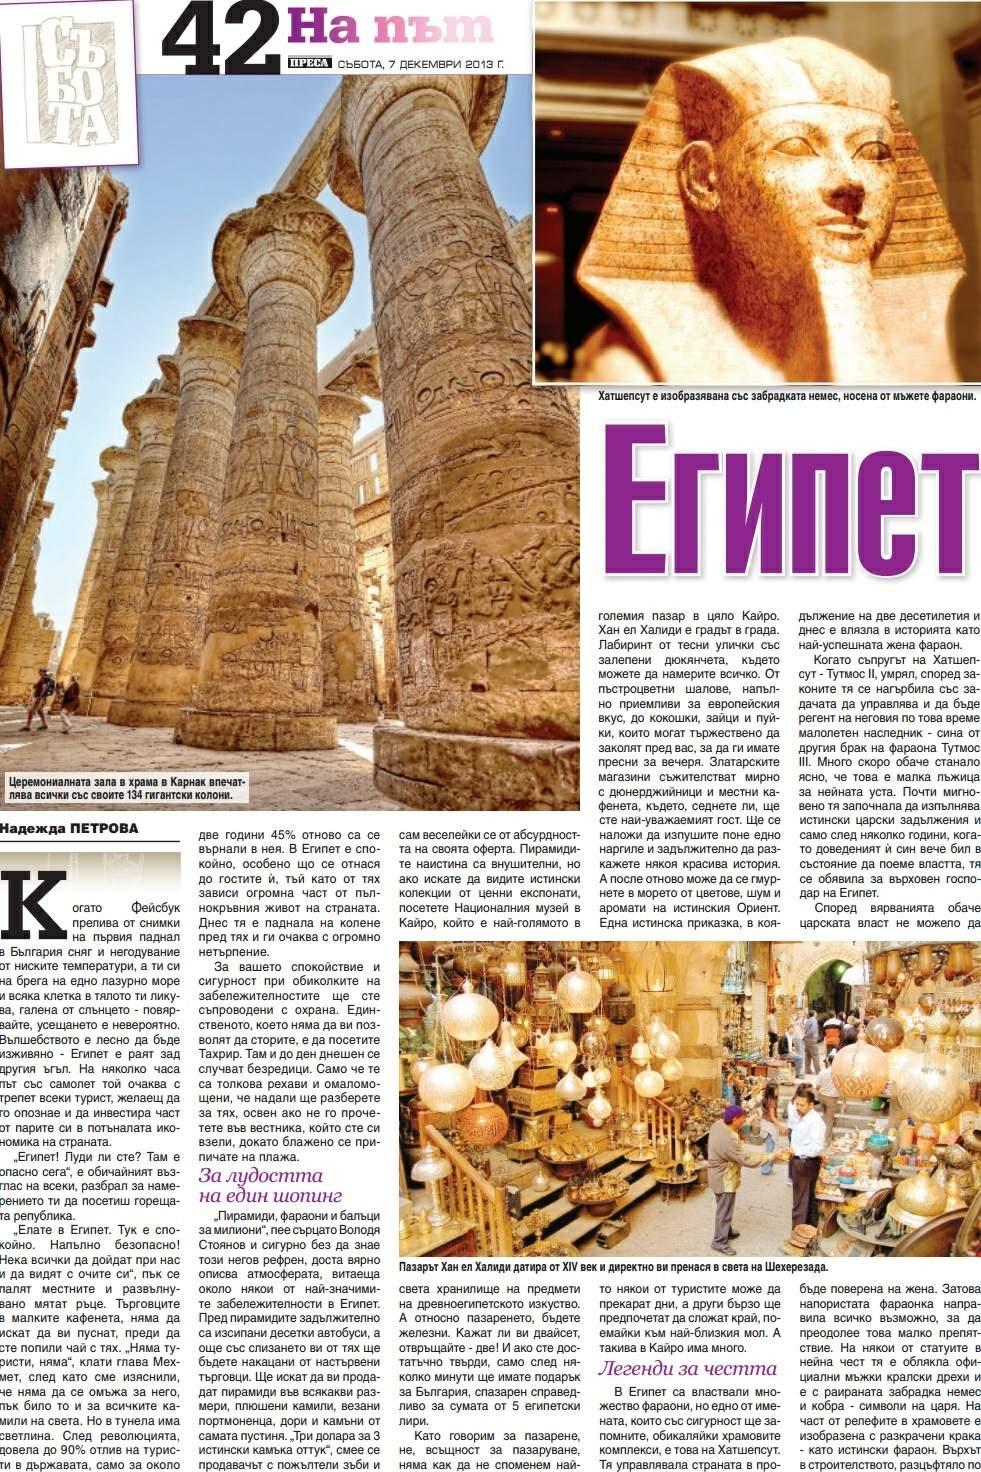 egipet-statia-1